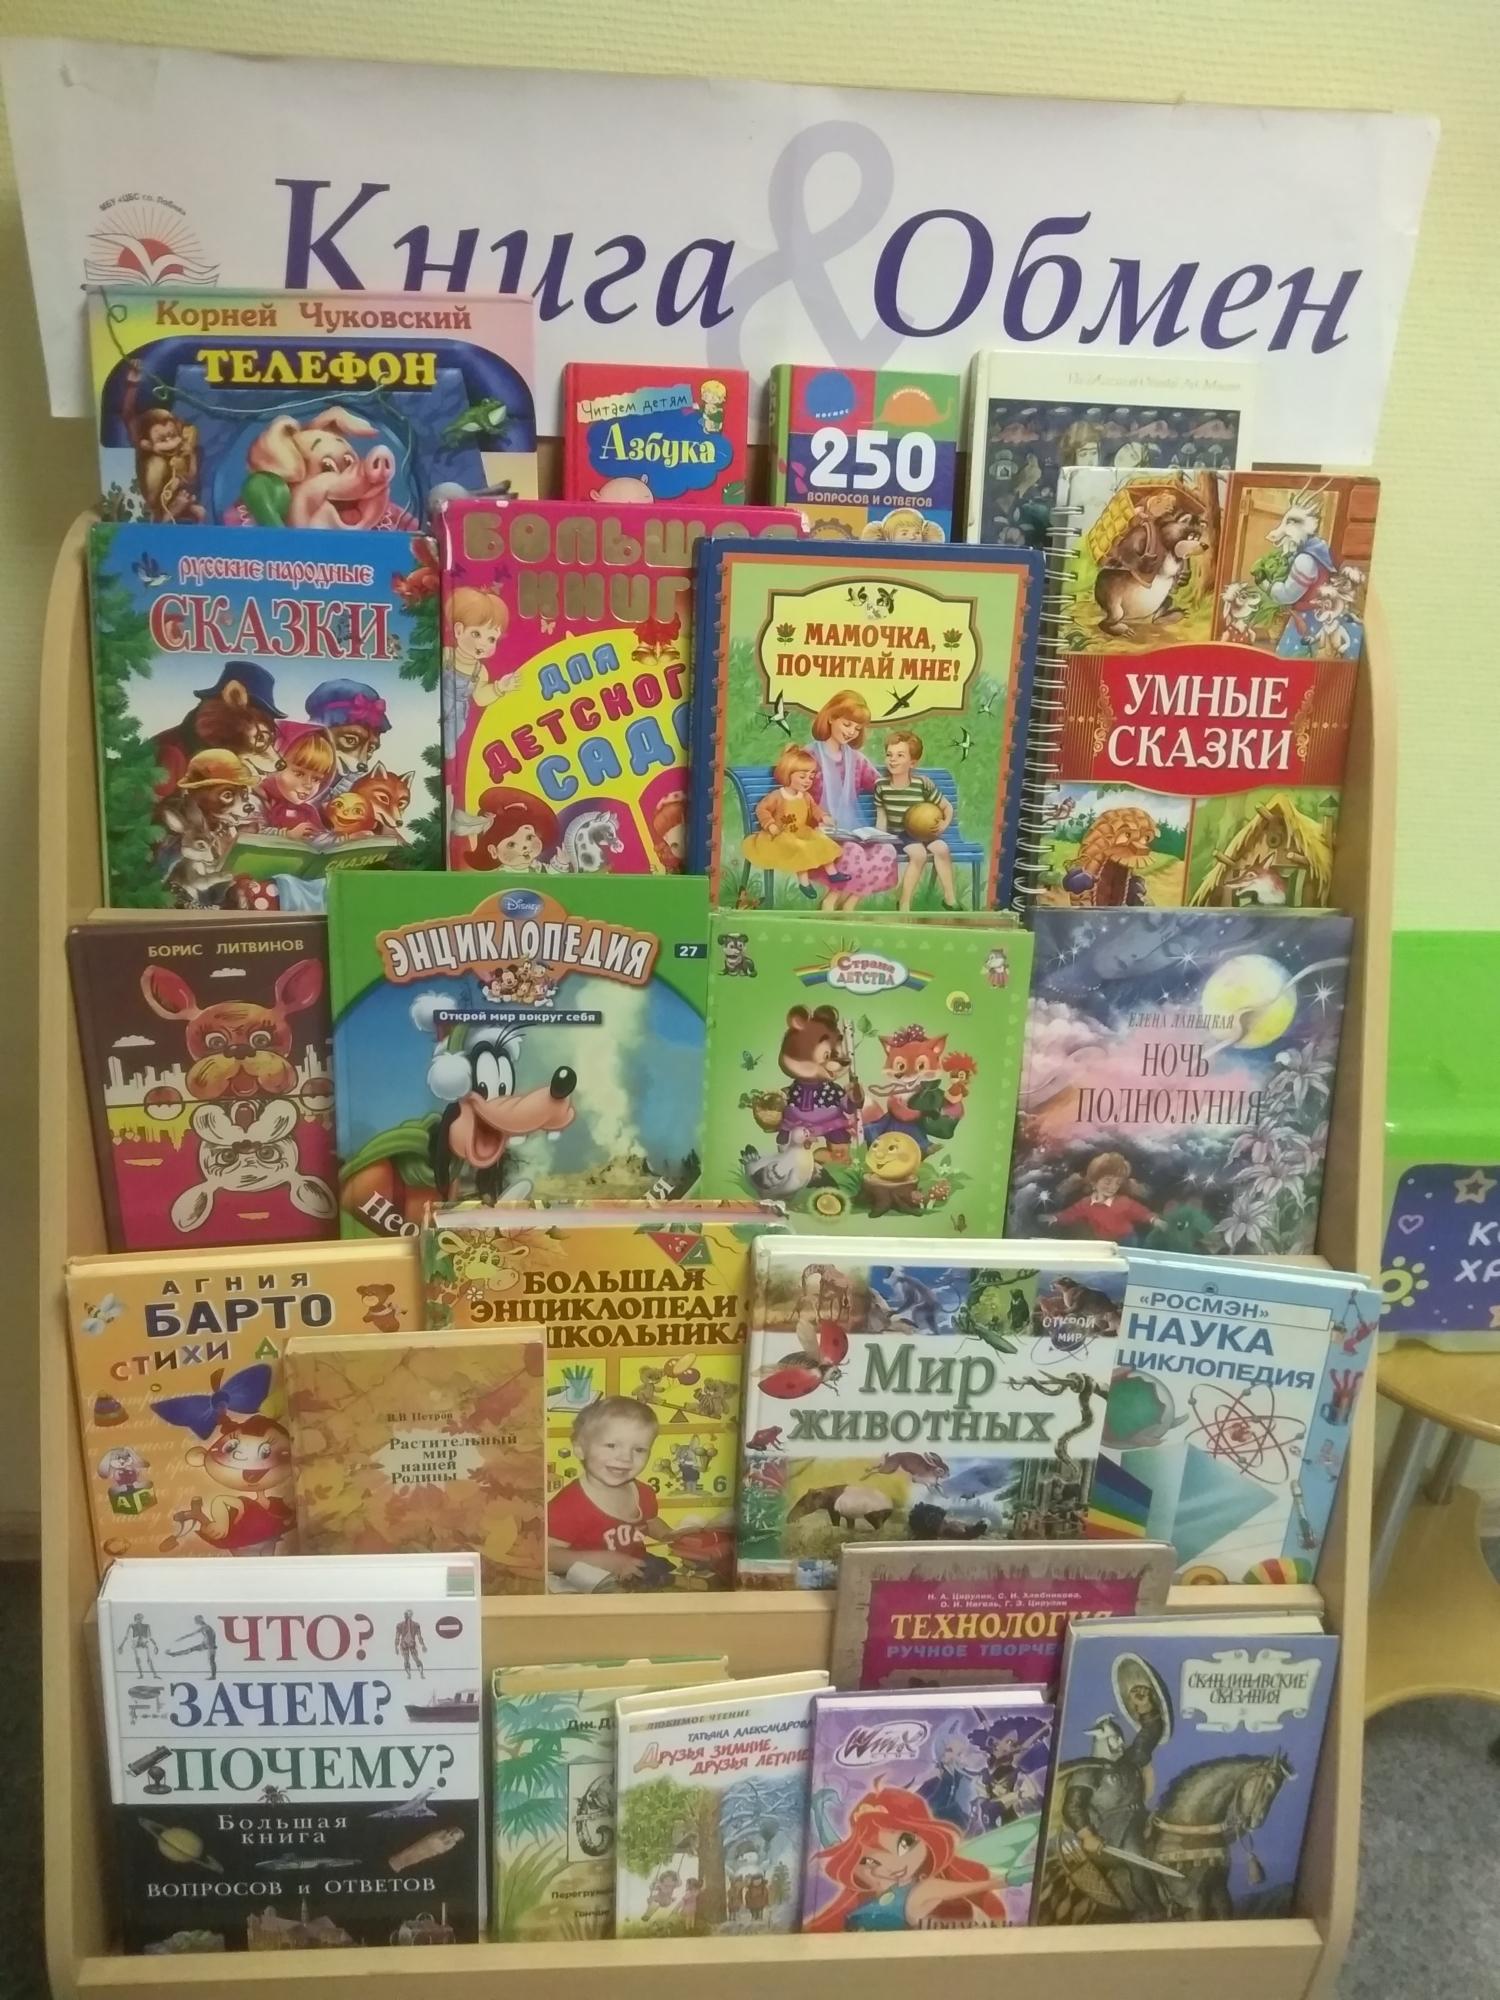 Книга в дар - Детская библиотека-7